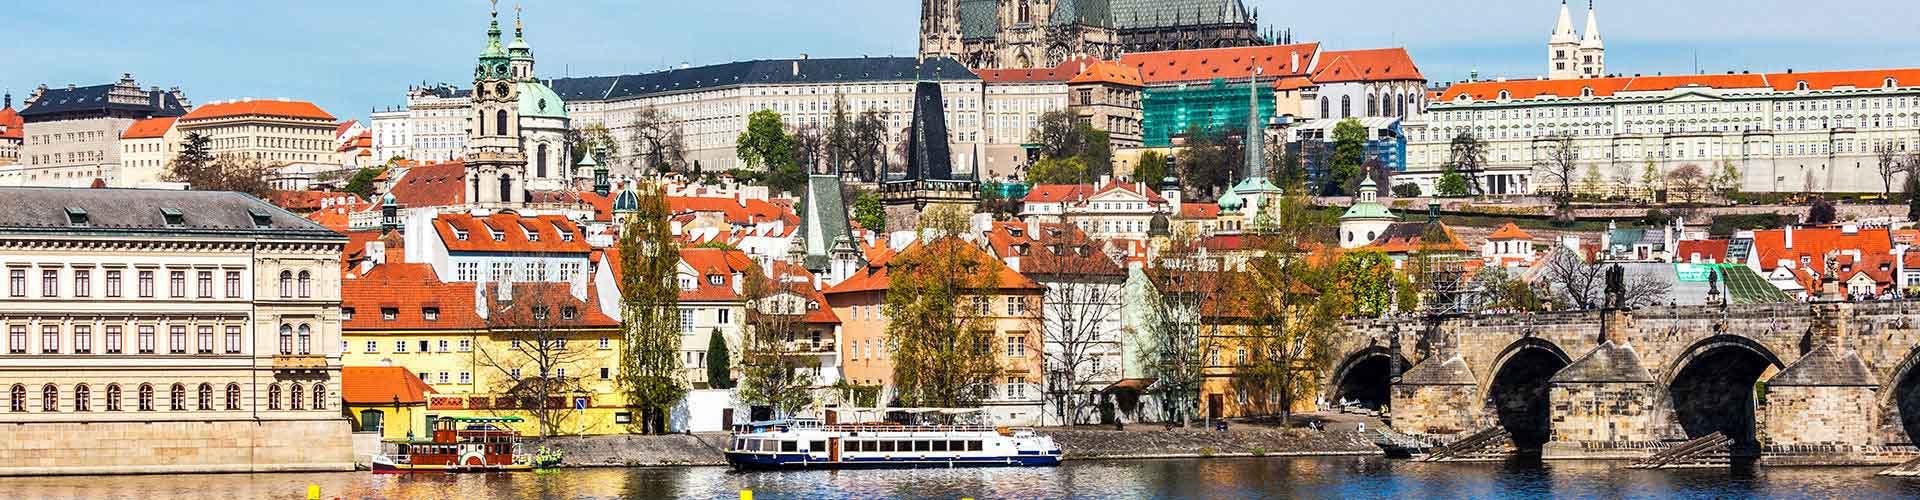 Praga - Habitaciones cerca a Catedral de San Vito. Mapas de Praga, Fotos y comentarios de cada Habitación en Praga.